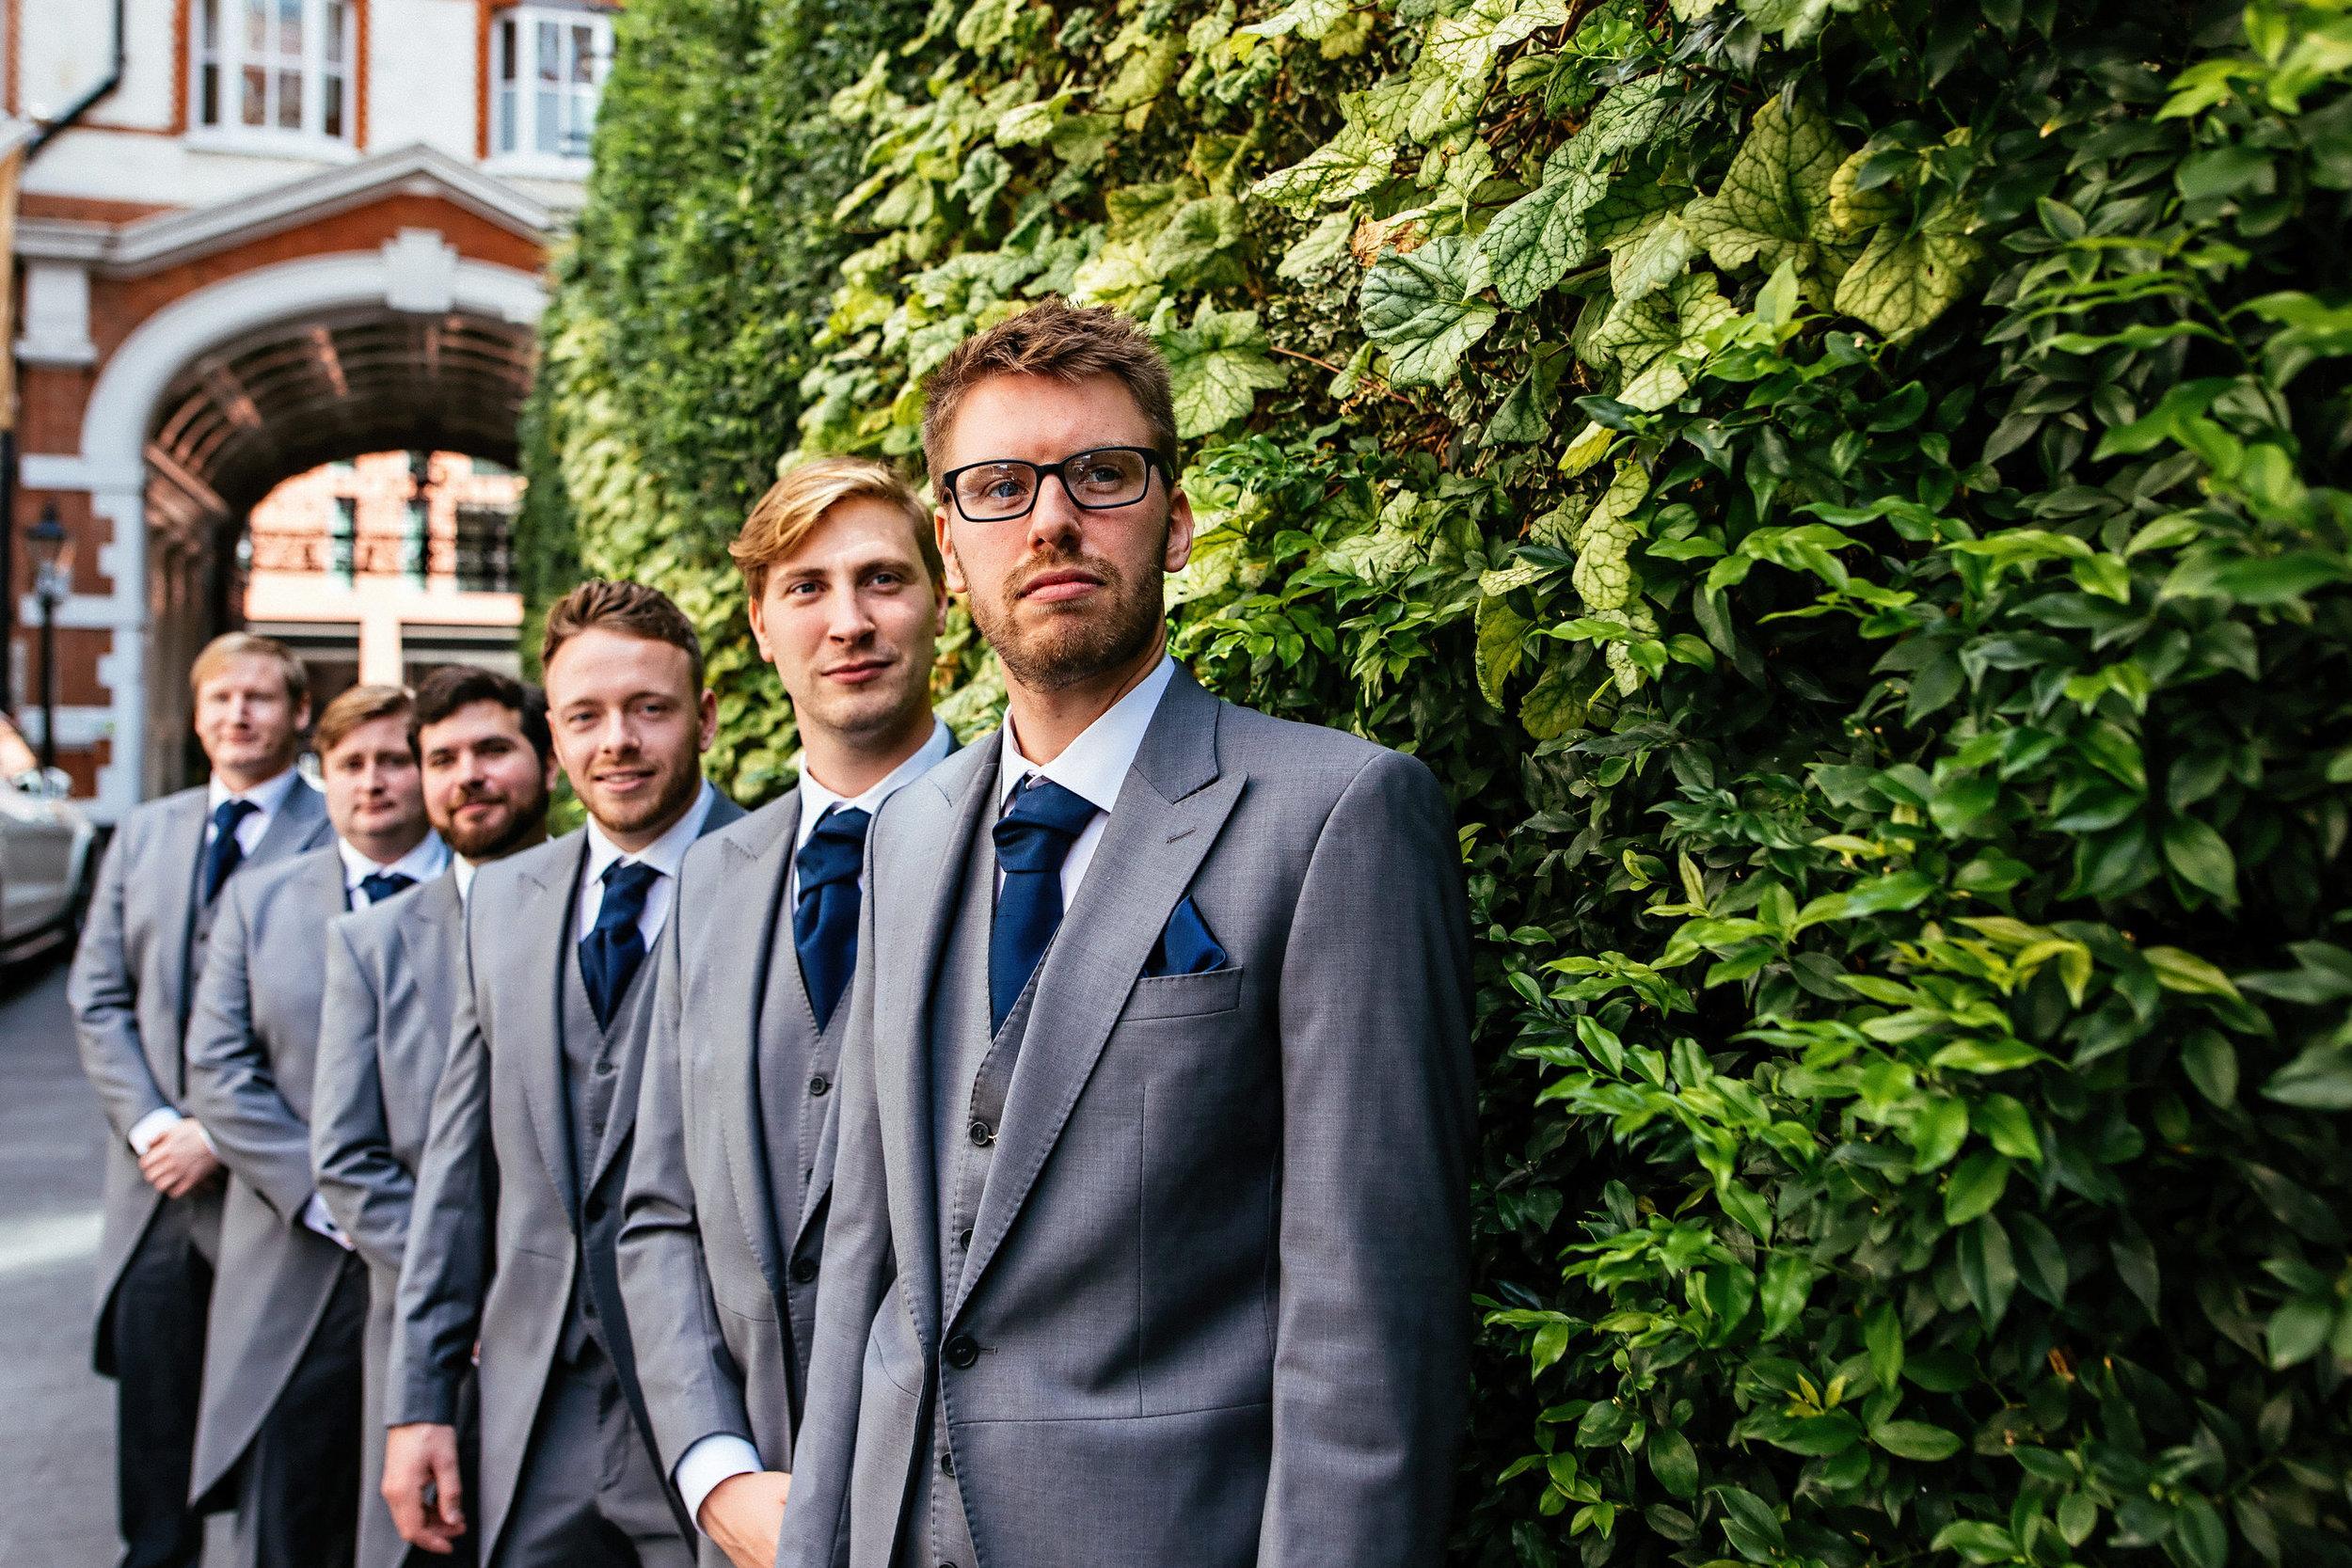 The Berkeley Hotel London Wedding Photographer 0015.jpg